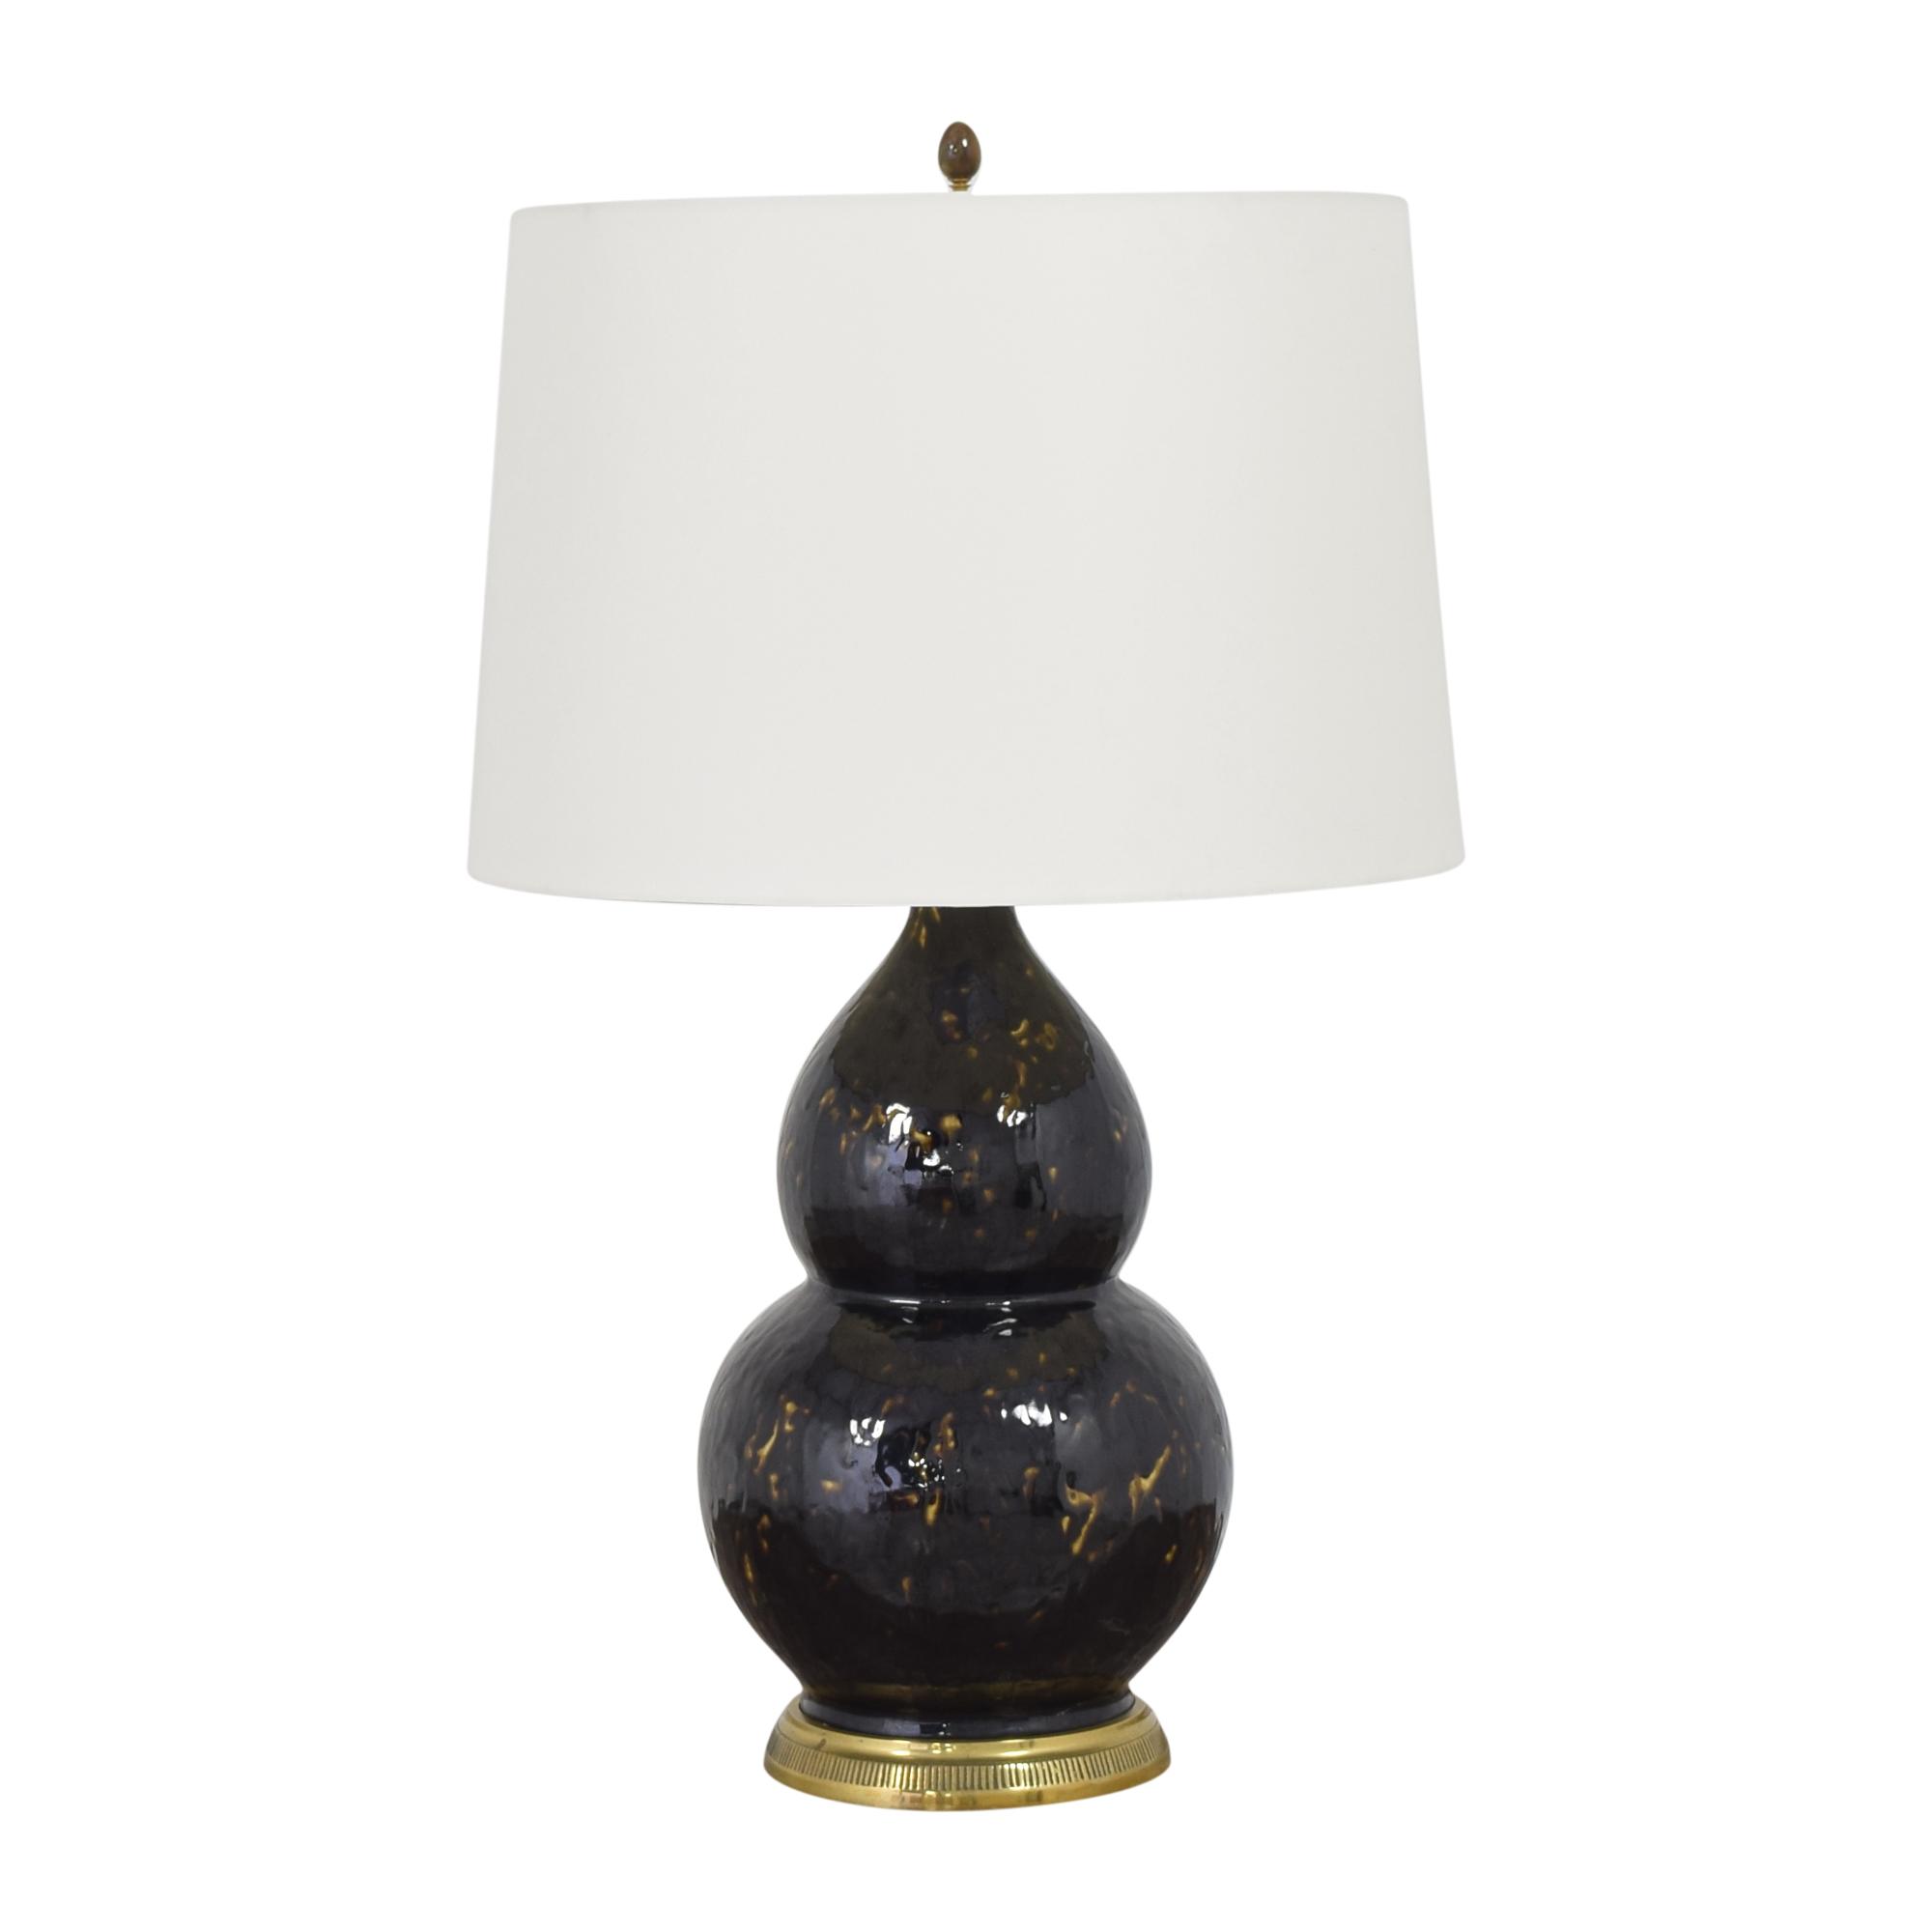 Vaughan Furniture Vaughan Furniture Gourd Table Lamp coupon